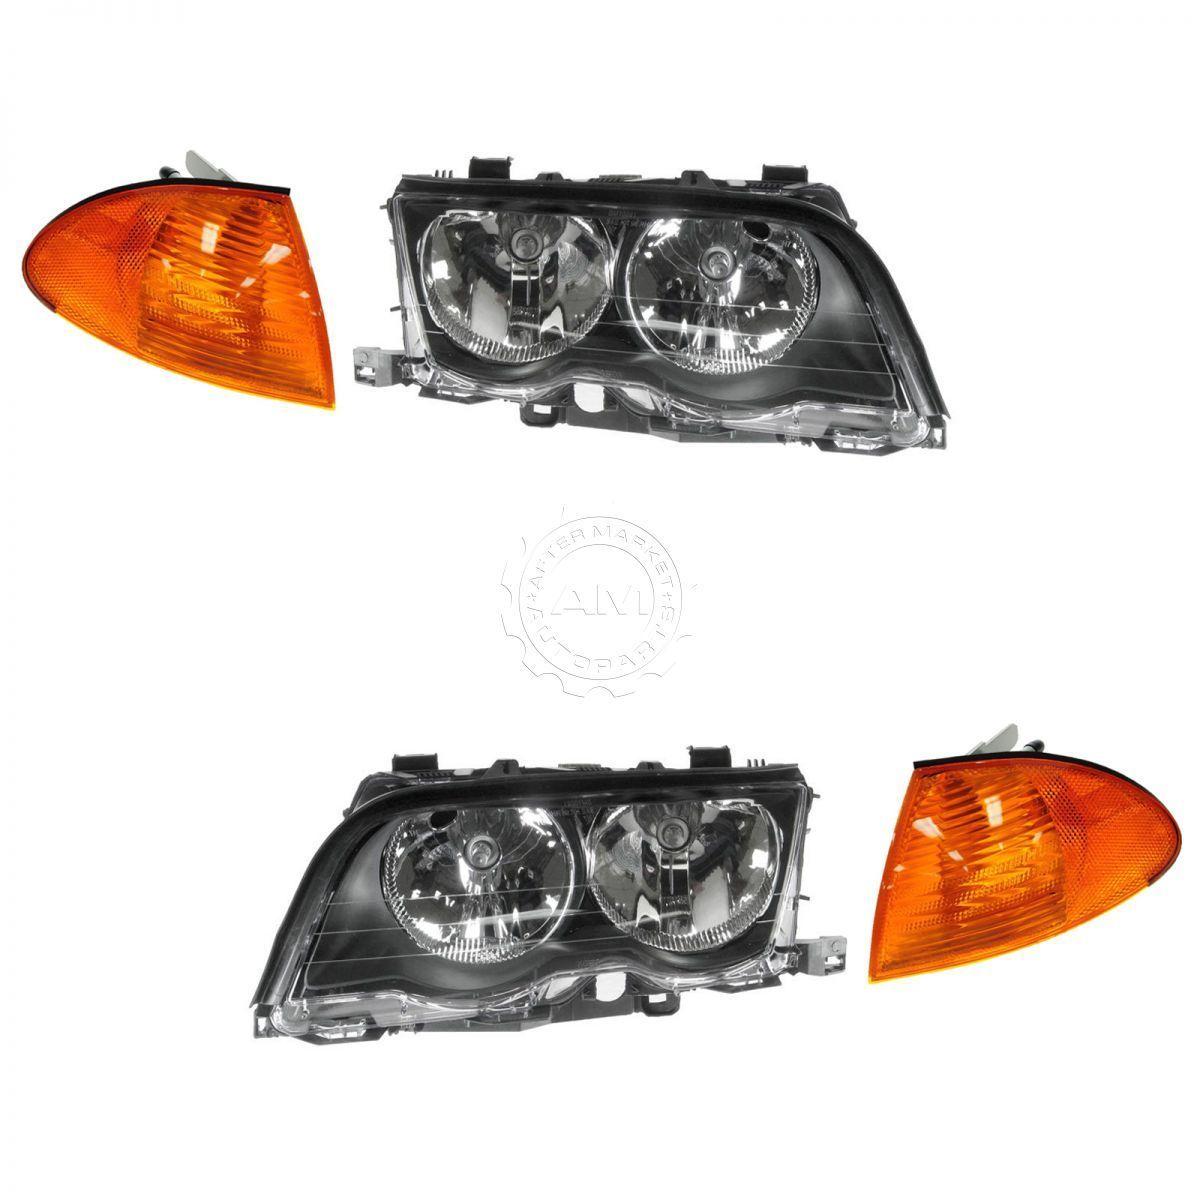 コーナーライト Headlight & Amber Corner Light Lamp Kit Set of 4 for BMW 3 Series NEW ヘッドライト& BMW 3シリーズのための4のアンバーコーナーライトランプキットセットNEW